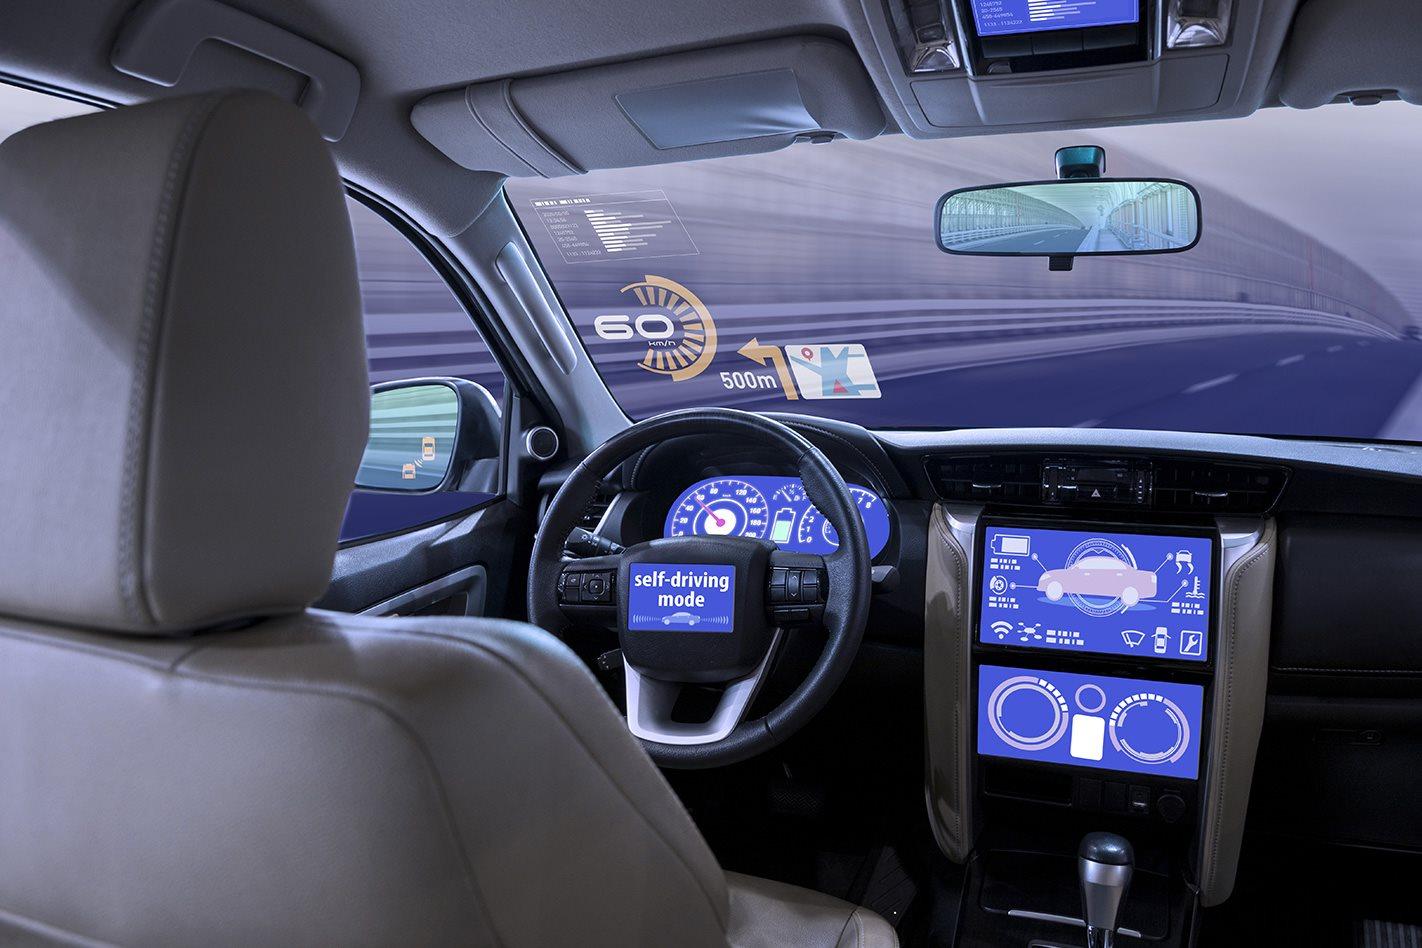 Self driving car model